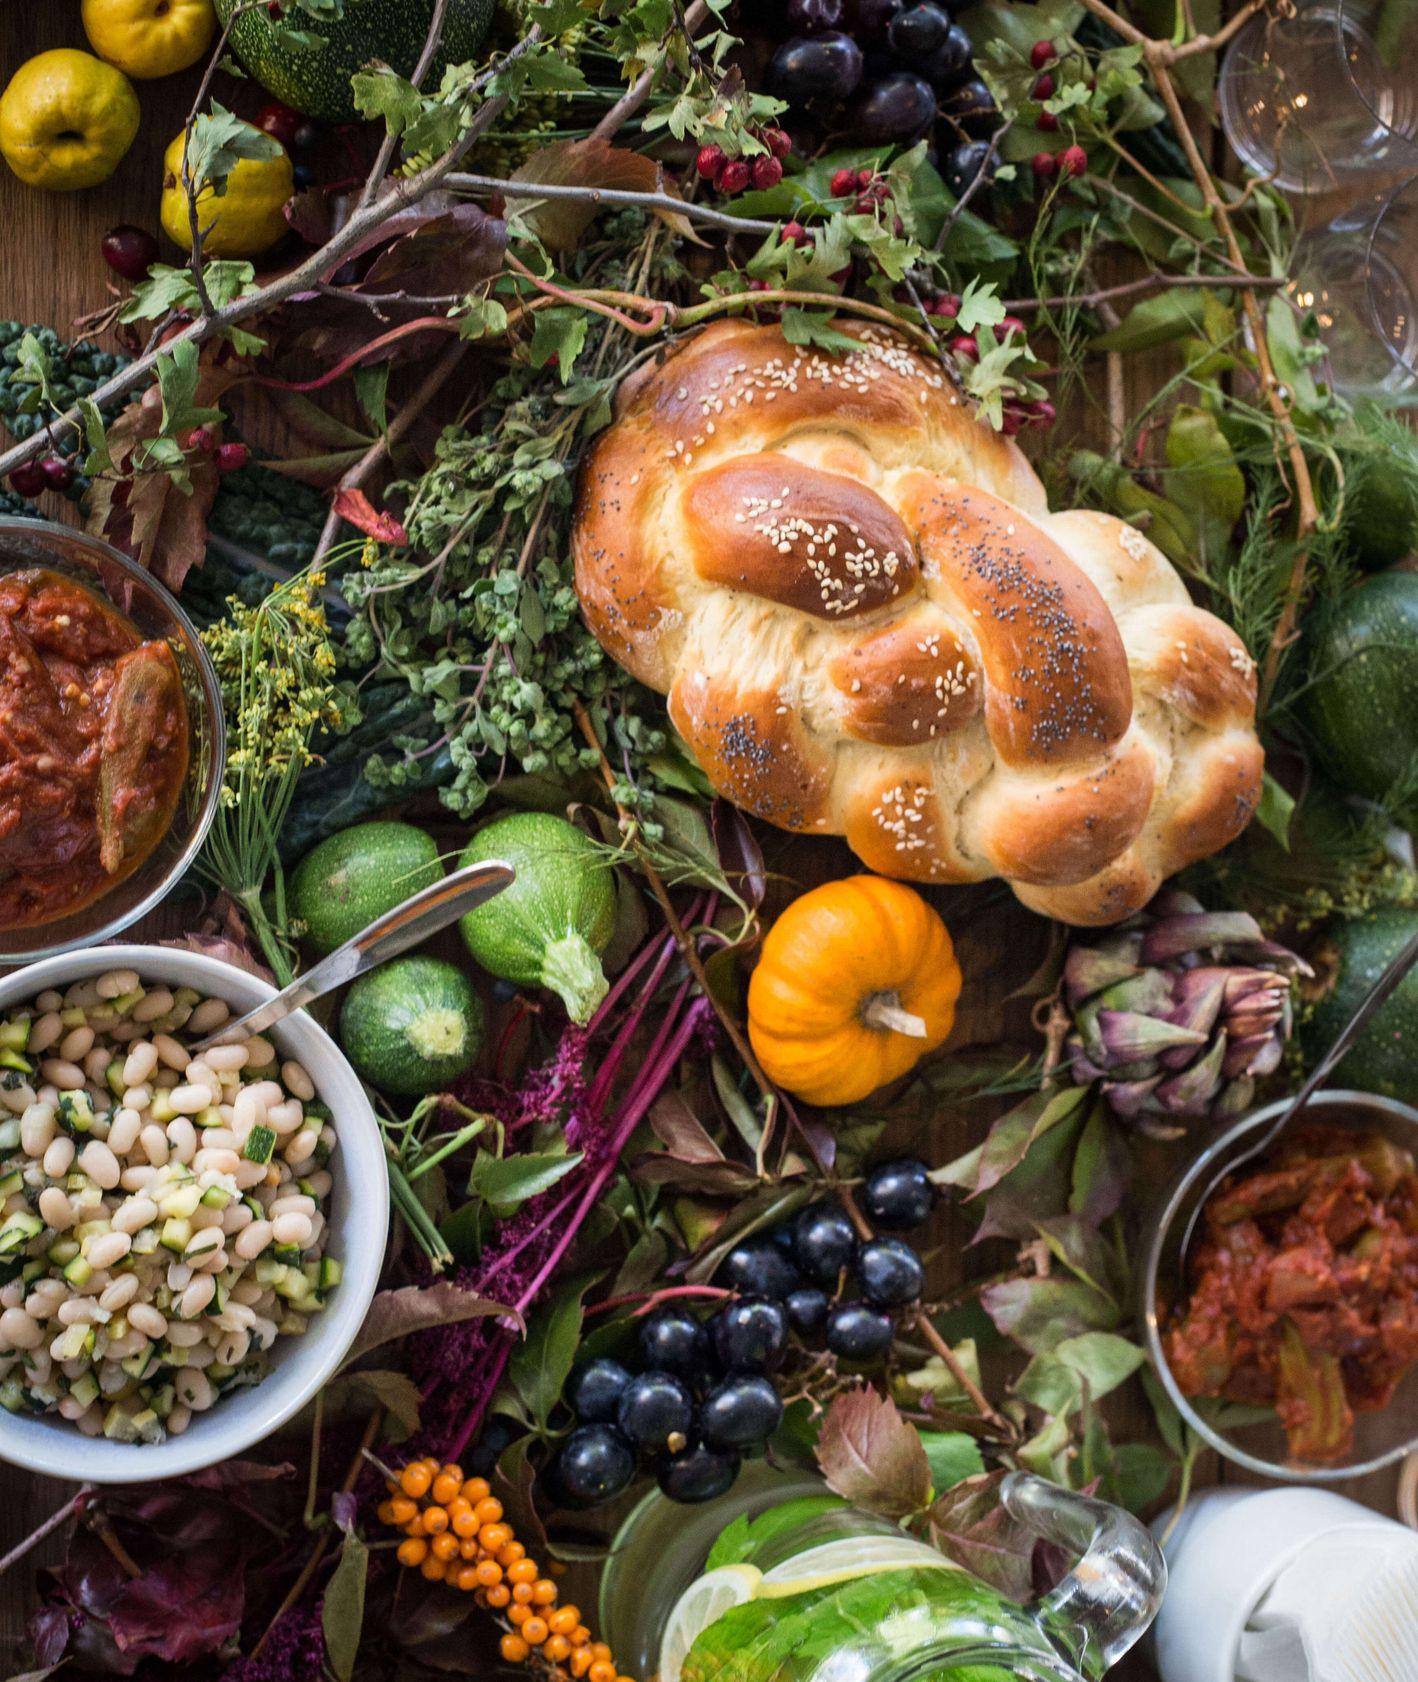 Kuchnia żydowska - tradycyjne dania na stole (fot. materiały prasowe TISH)